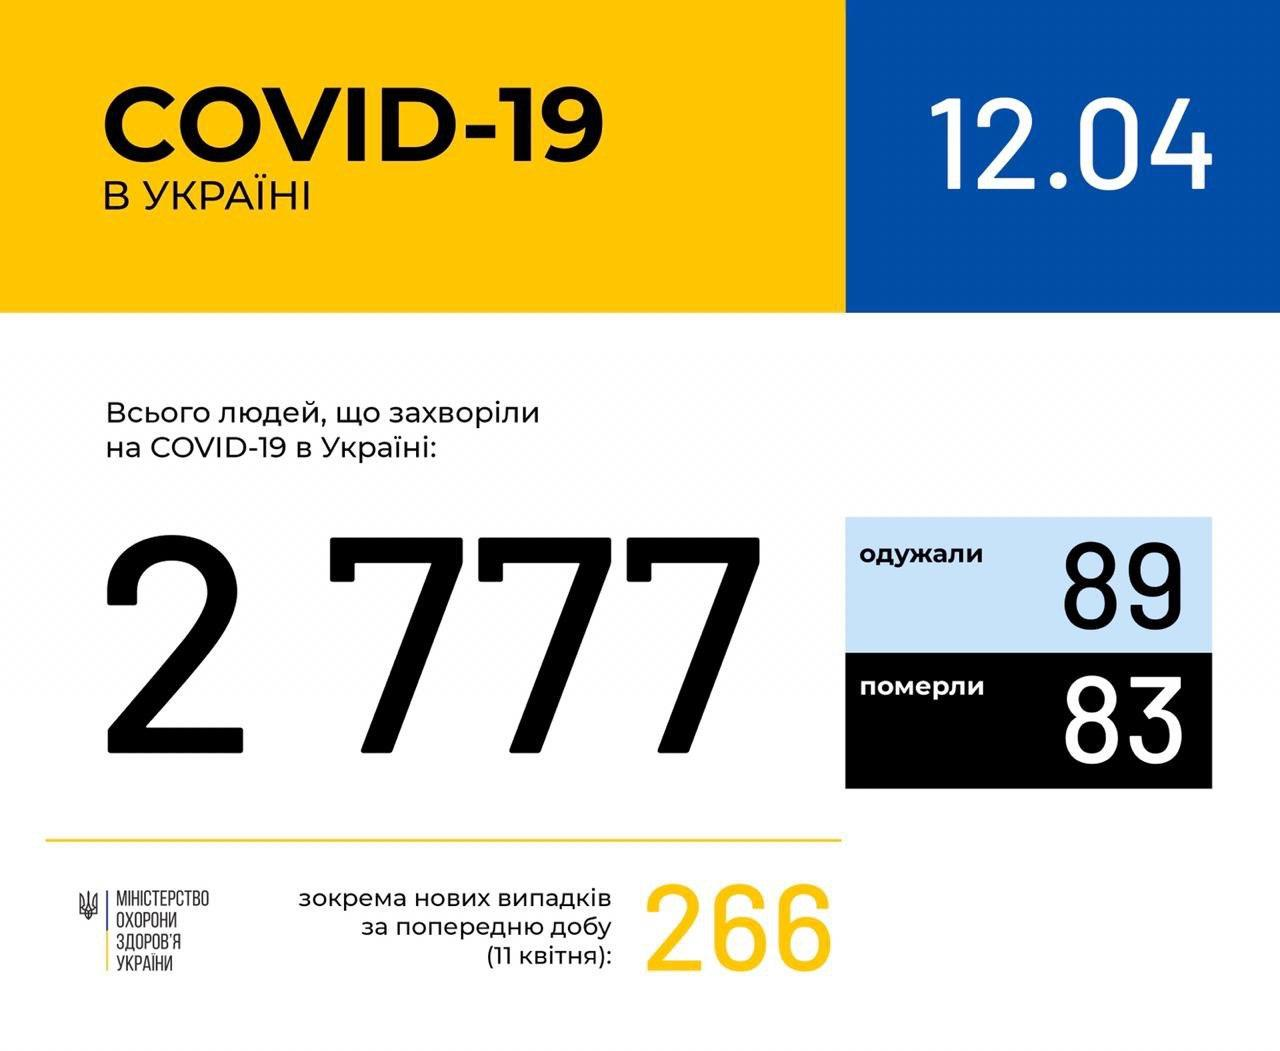 В Украине количество заражений Covid-19 приблизилось к трем тысячам - фото 1